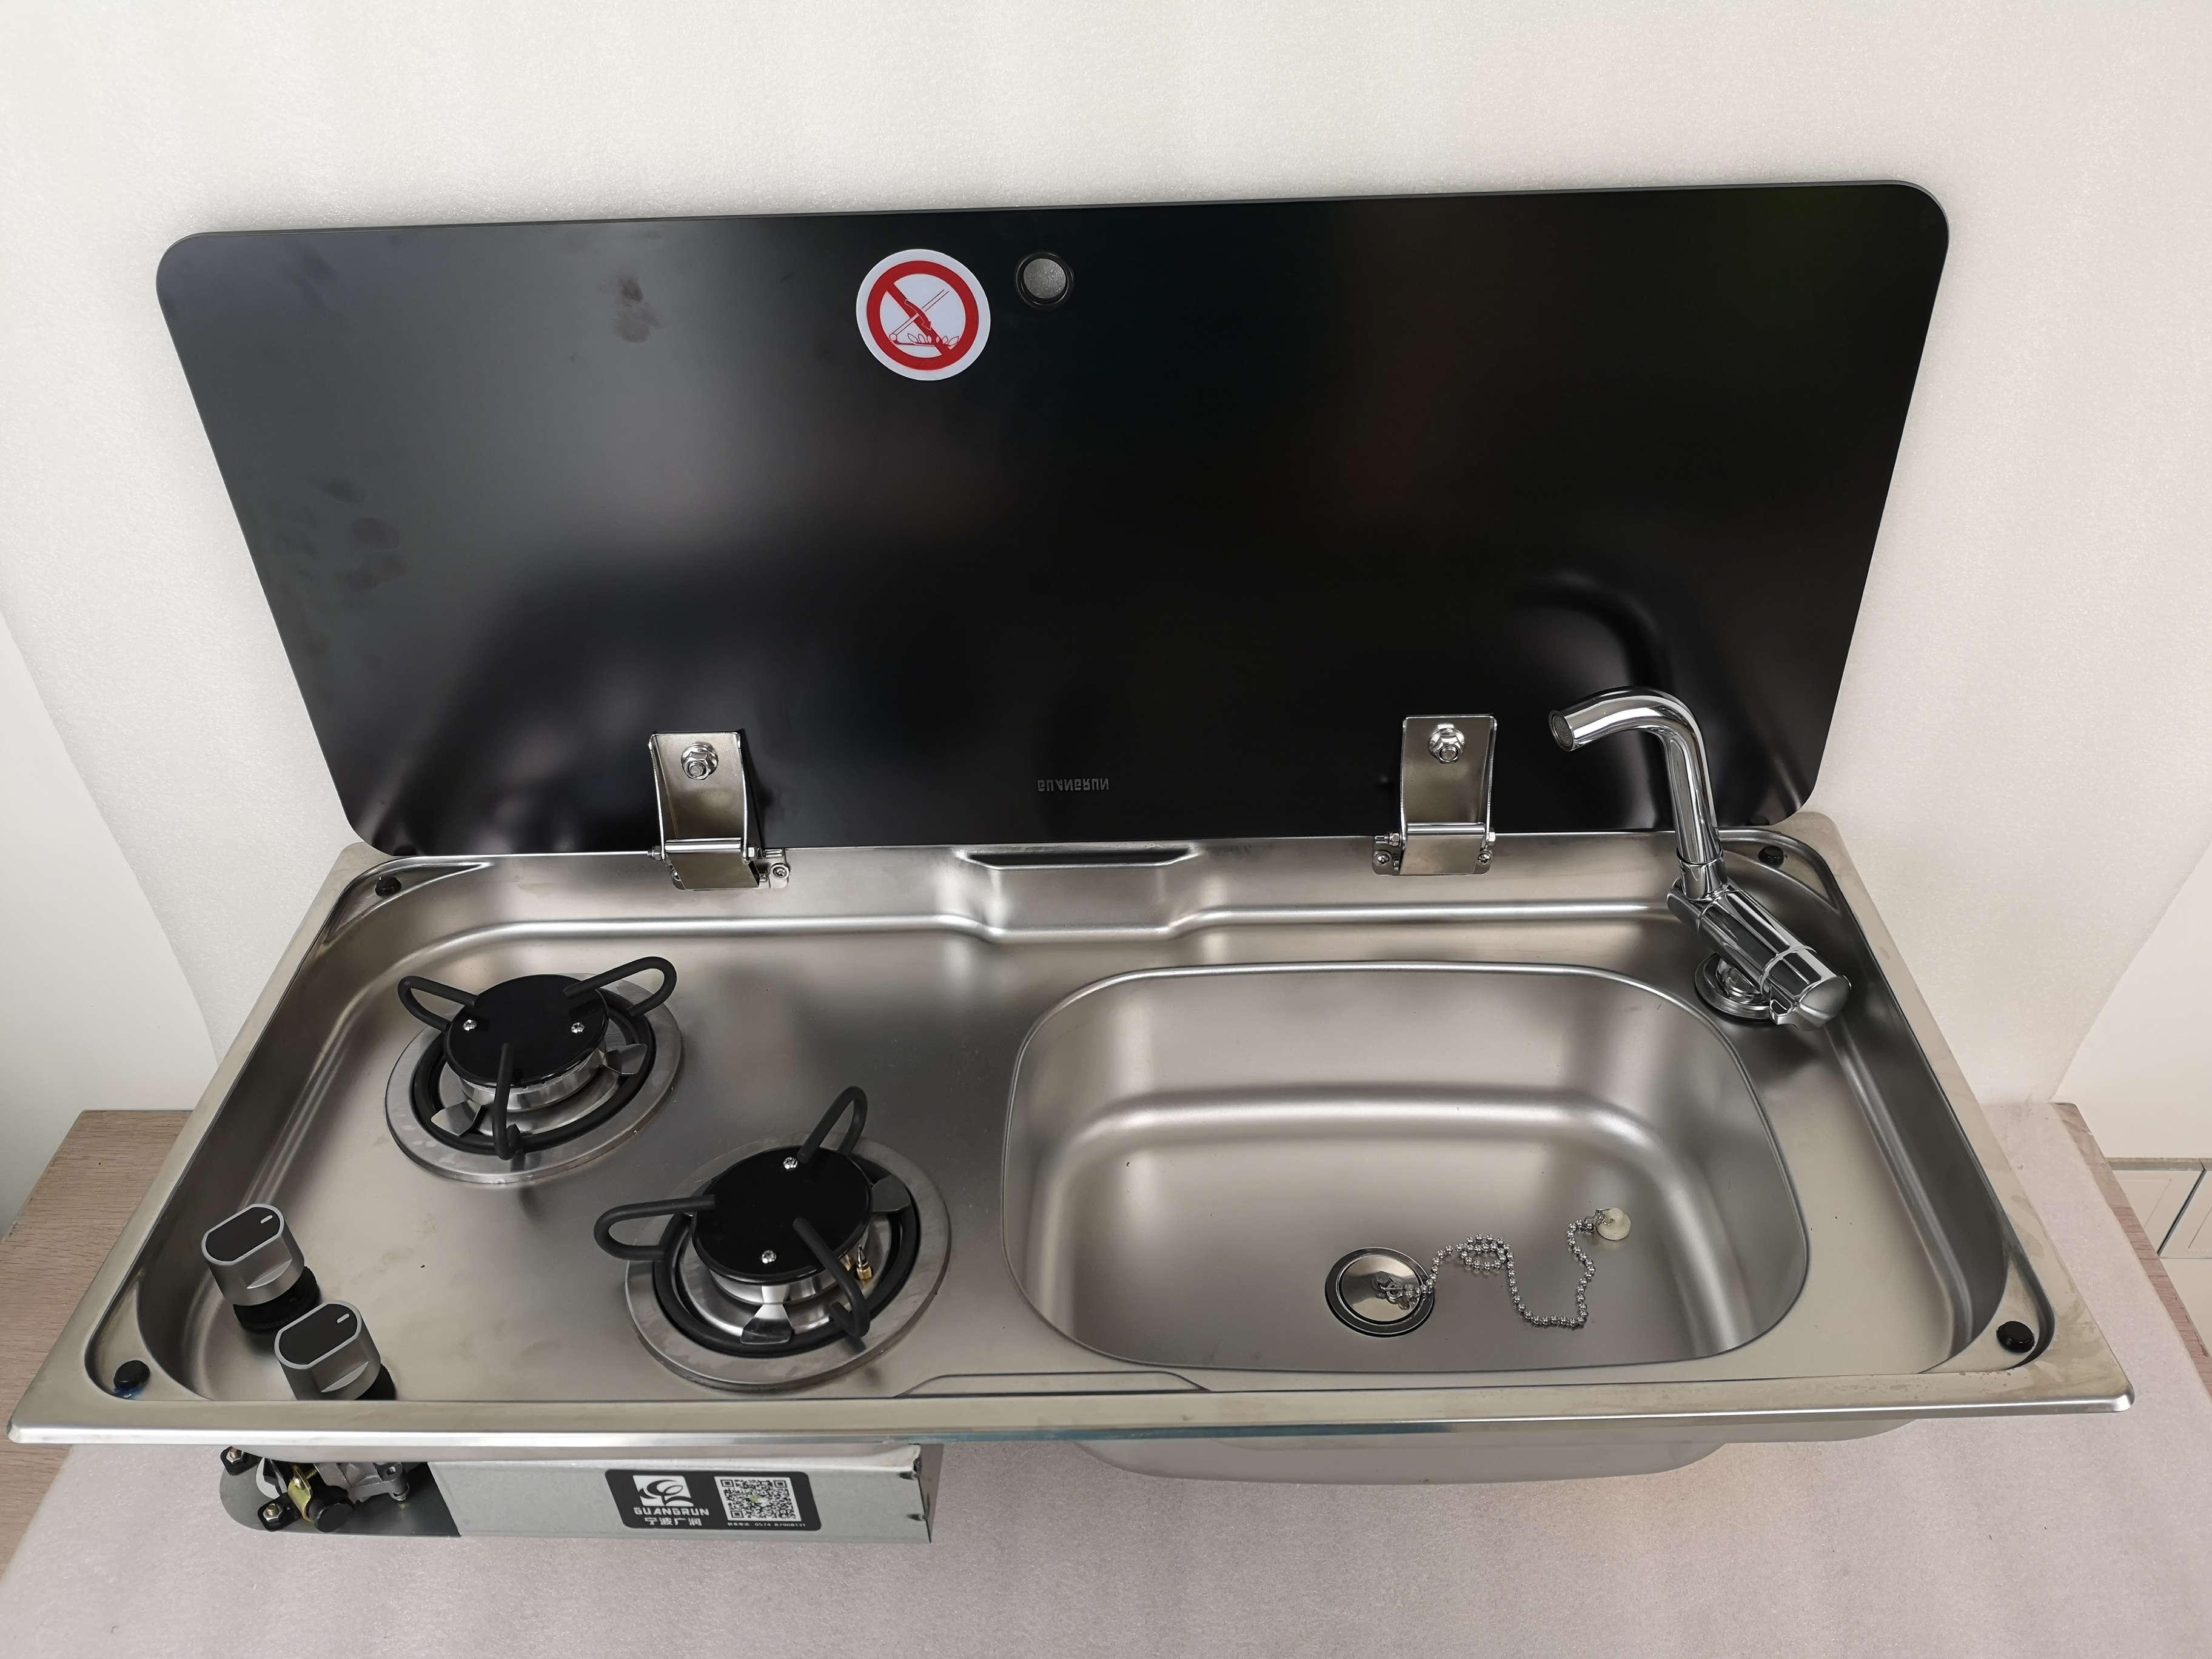 Boot Wohnmobil Brenner Gasherd Gaskochfeld Spülbecken mit Glasplatte Wasserhahn